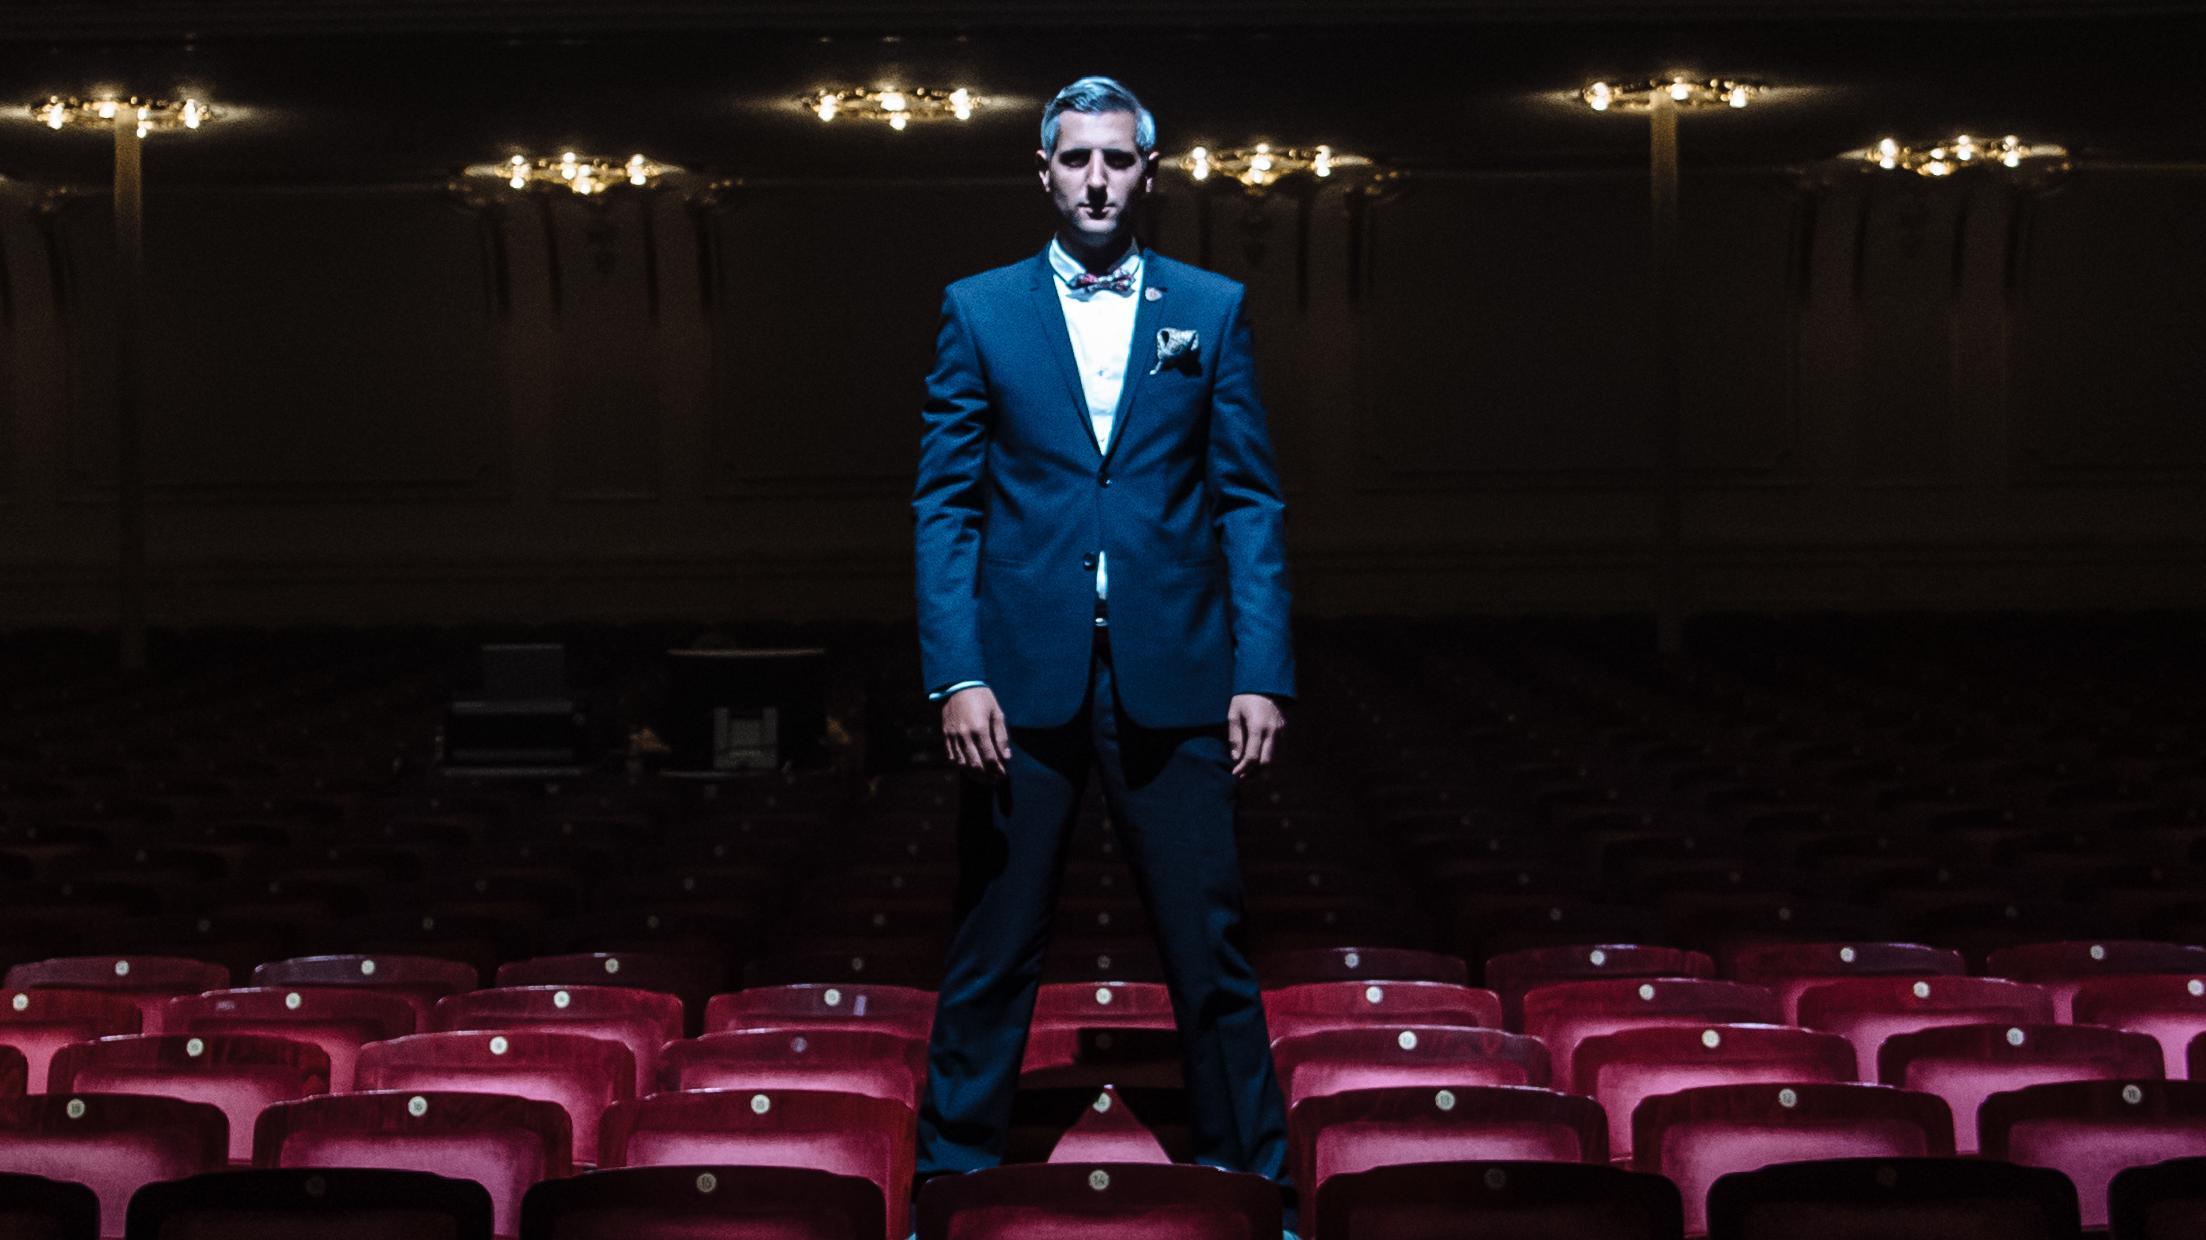 Michel Abdollahi steht auf den Stühlen eines abgedunkelten Theatersaals